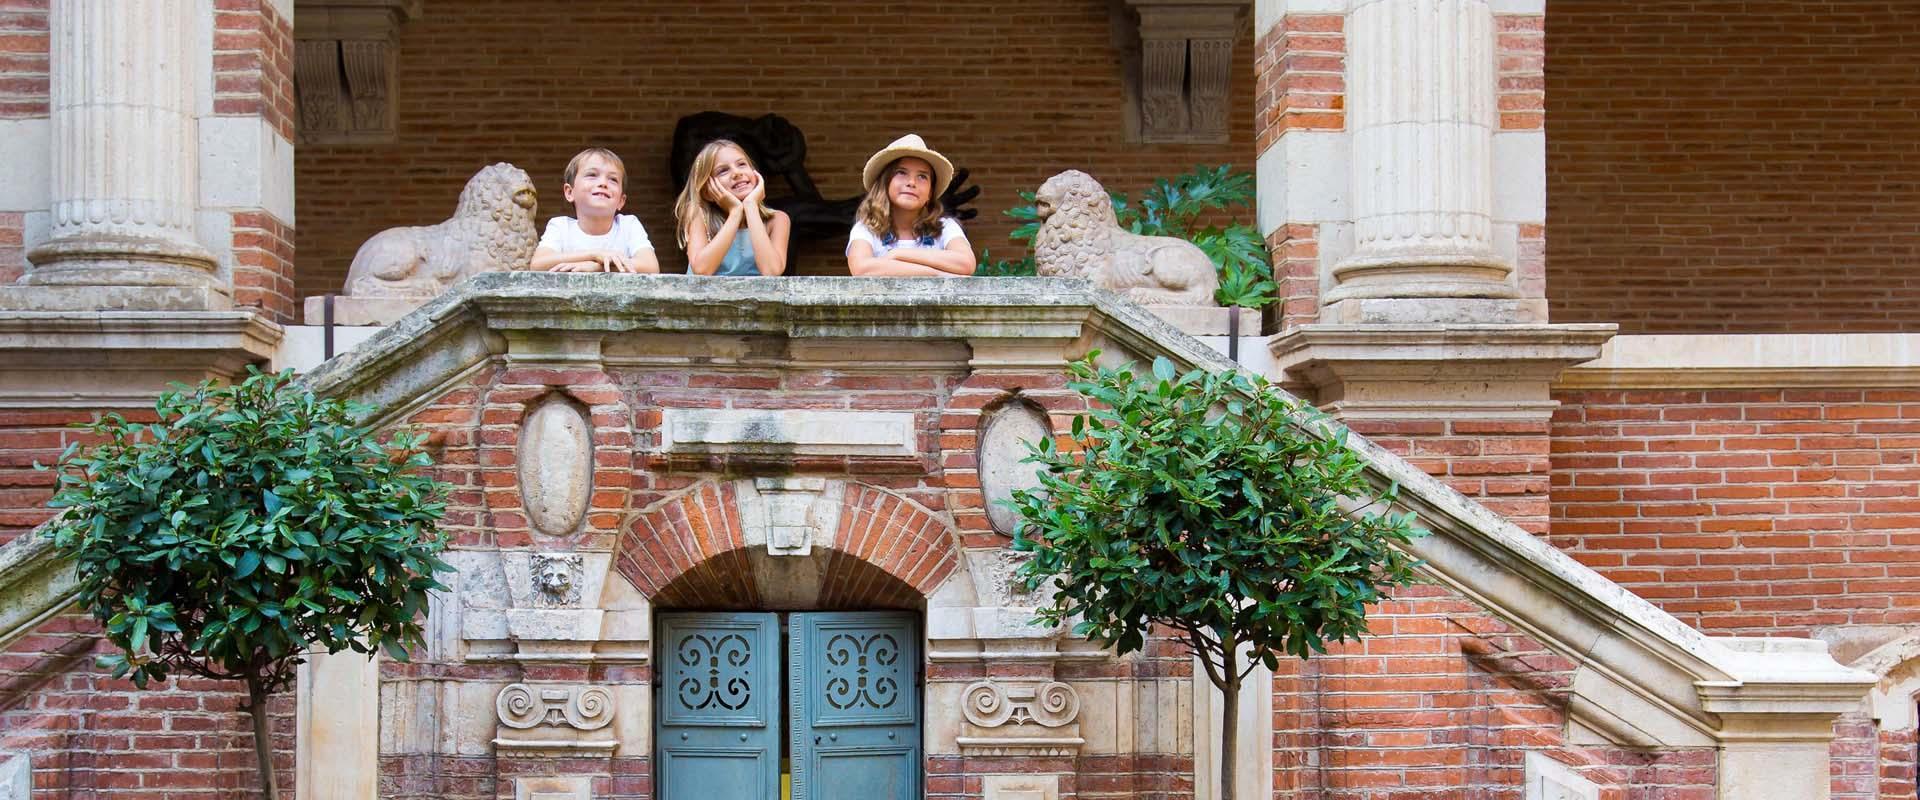 Vacances en famille à Toulouse